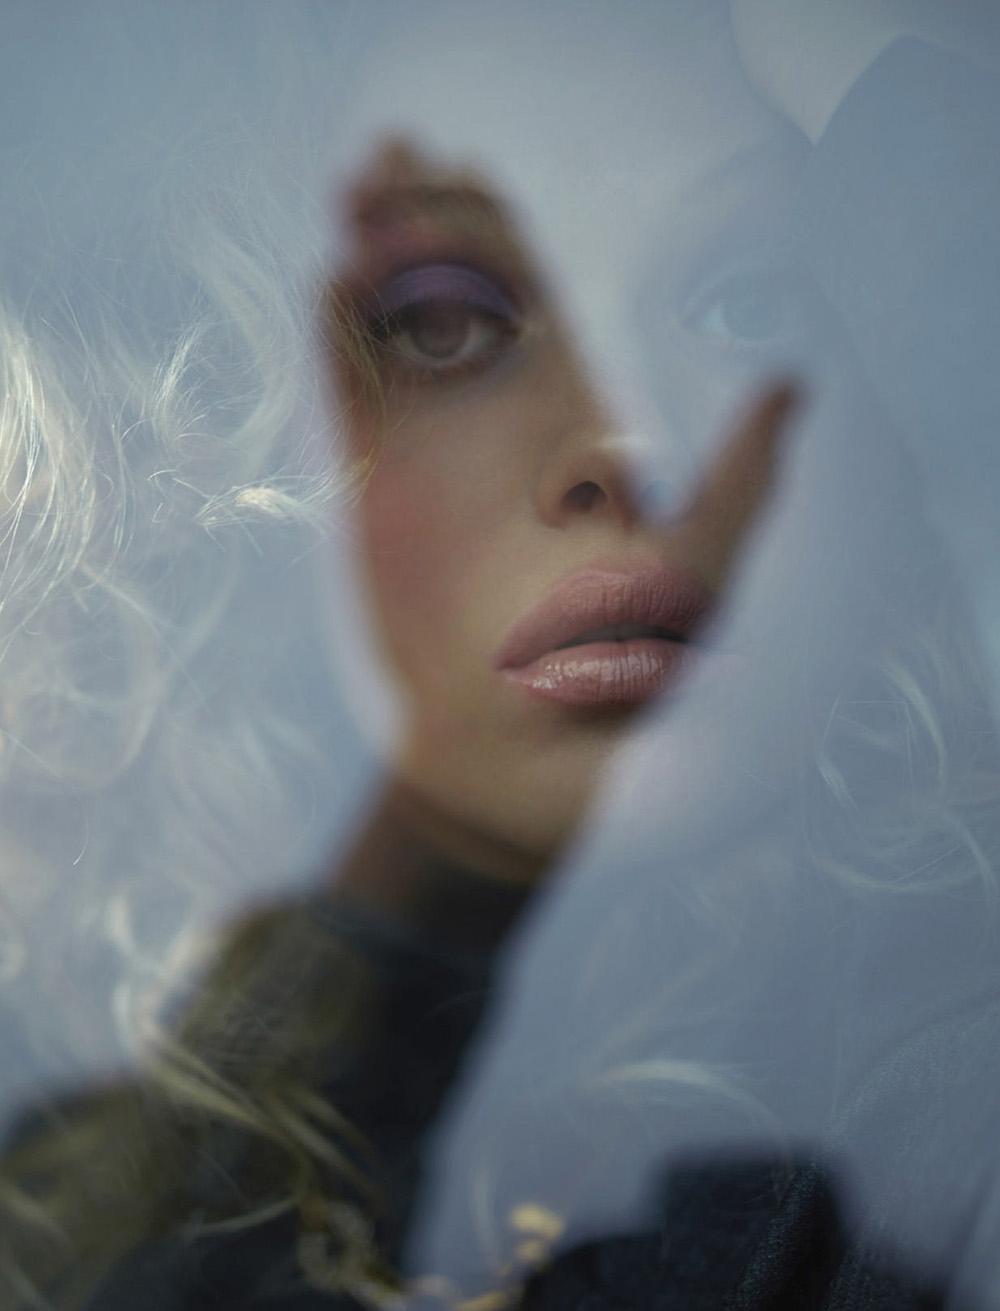 Marie Lucassen by Stephanie Pistel for Elle Russia November 2020